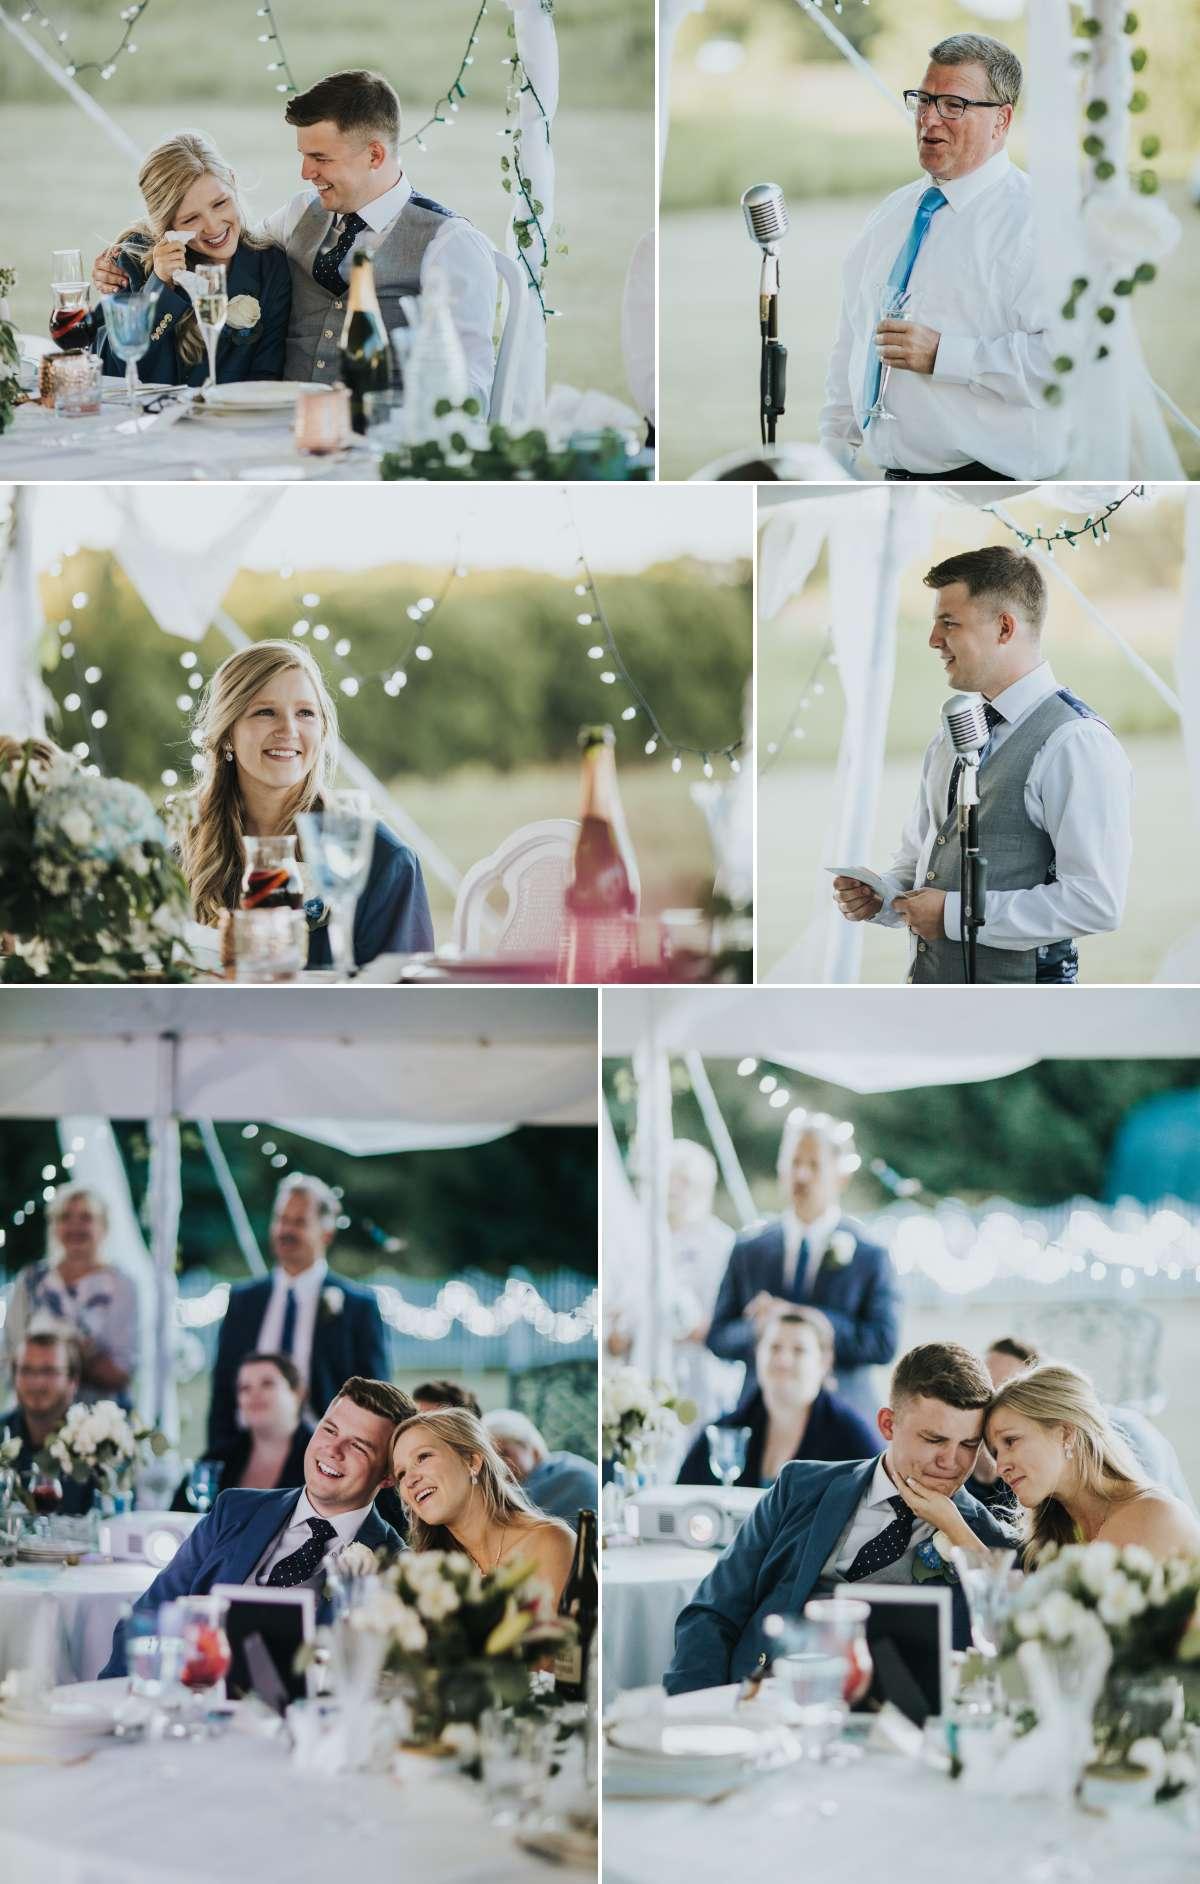 Toasts at backyard wedding